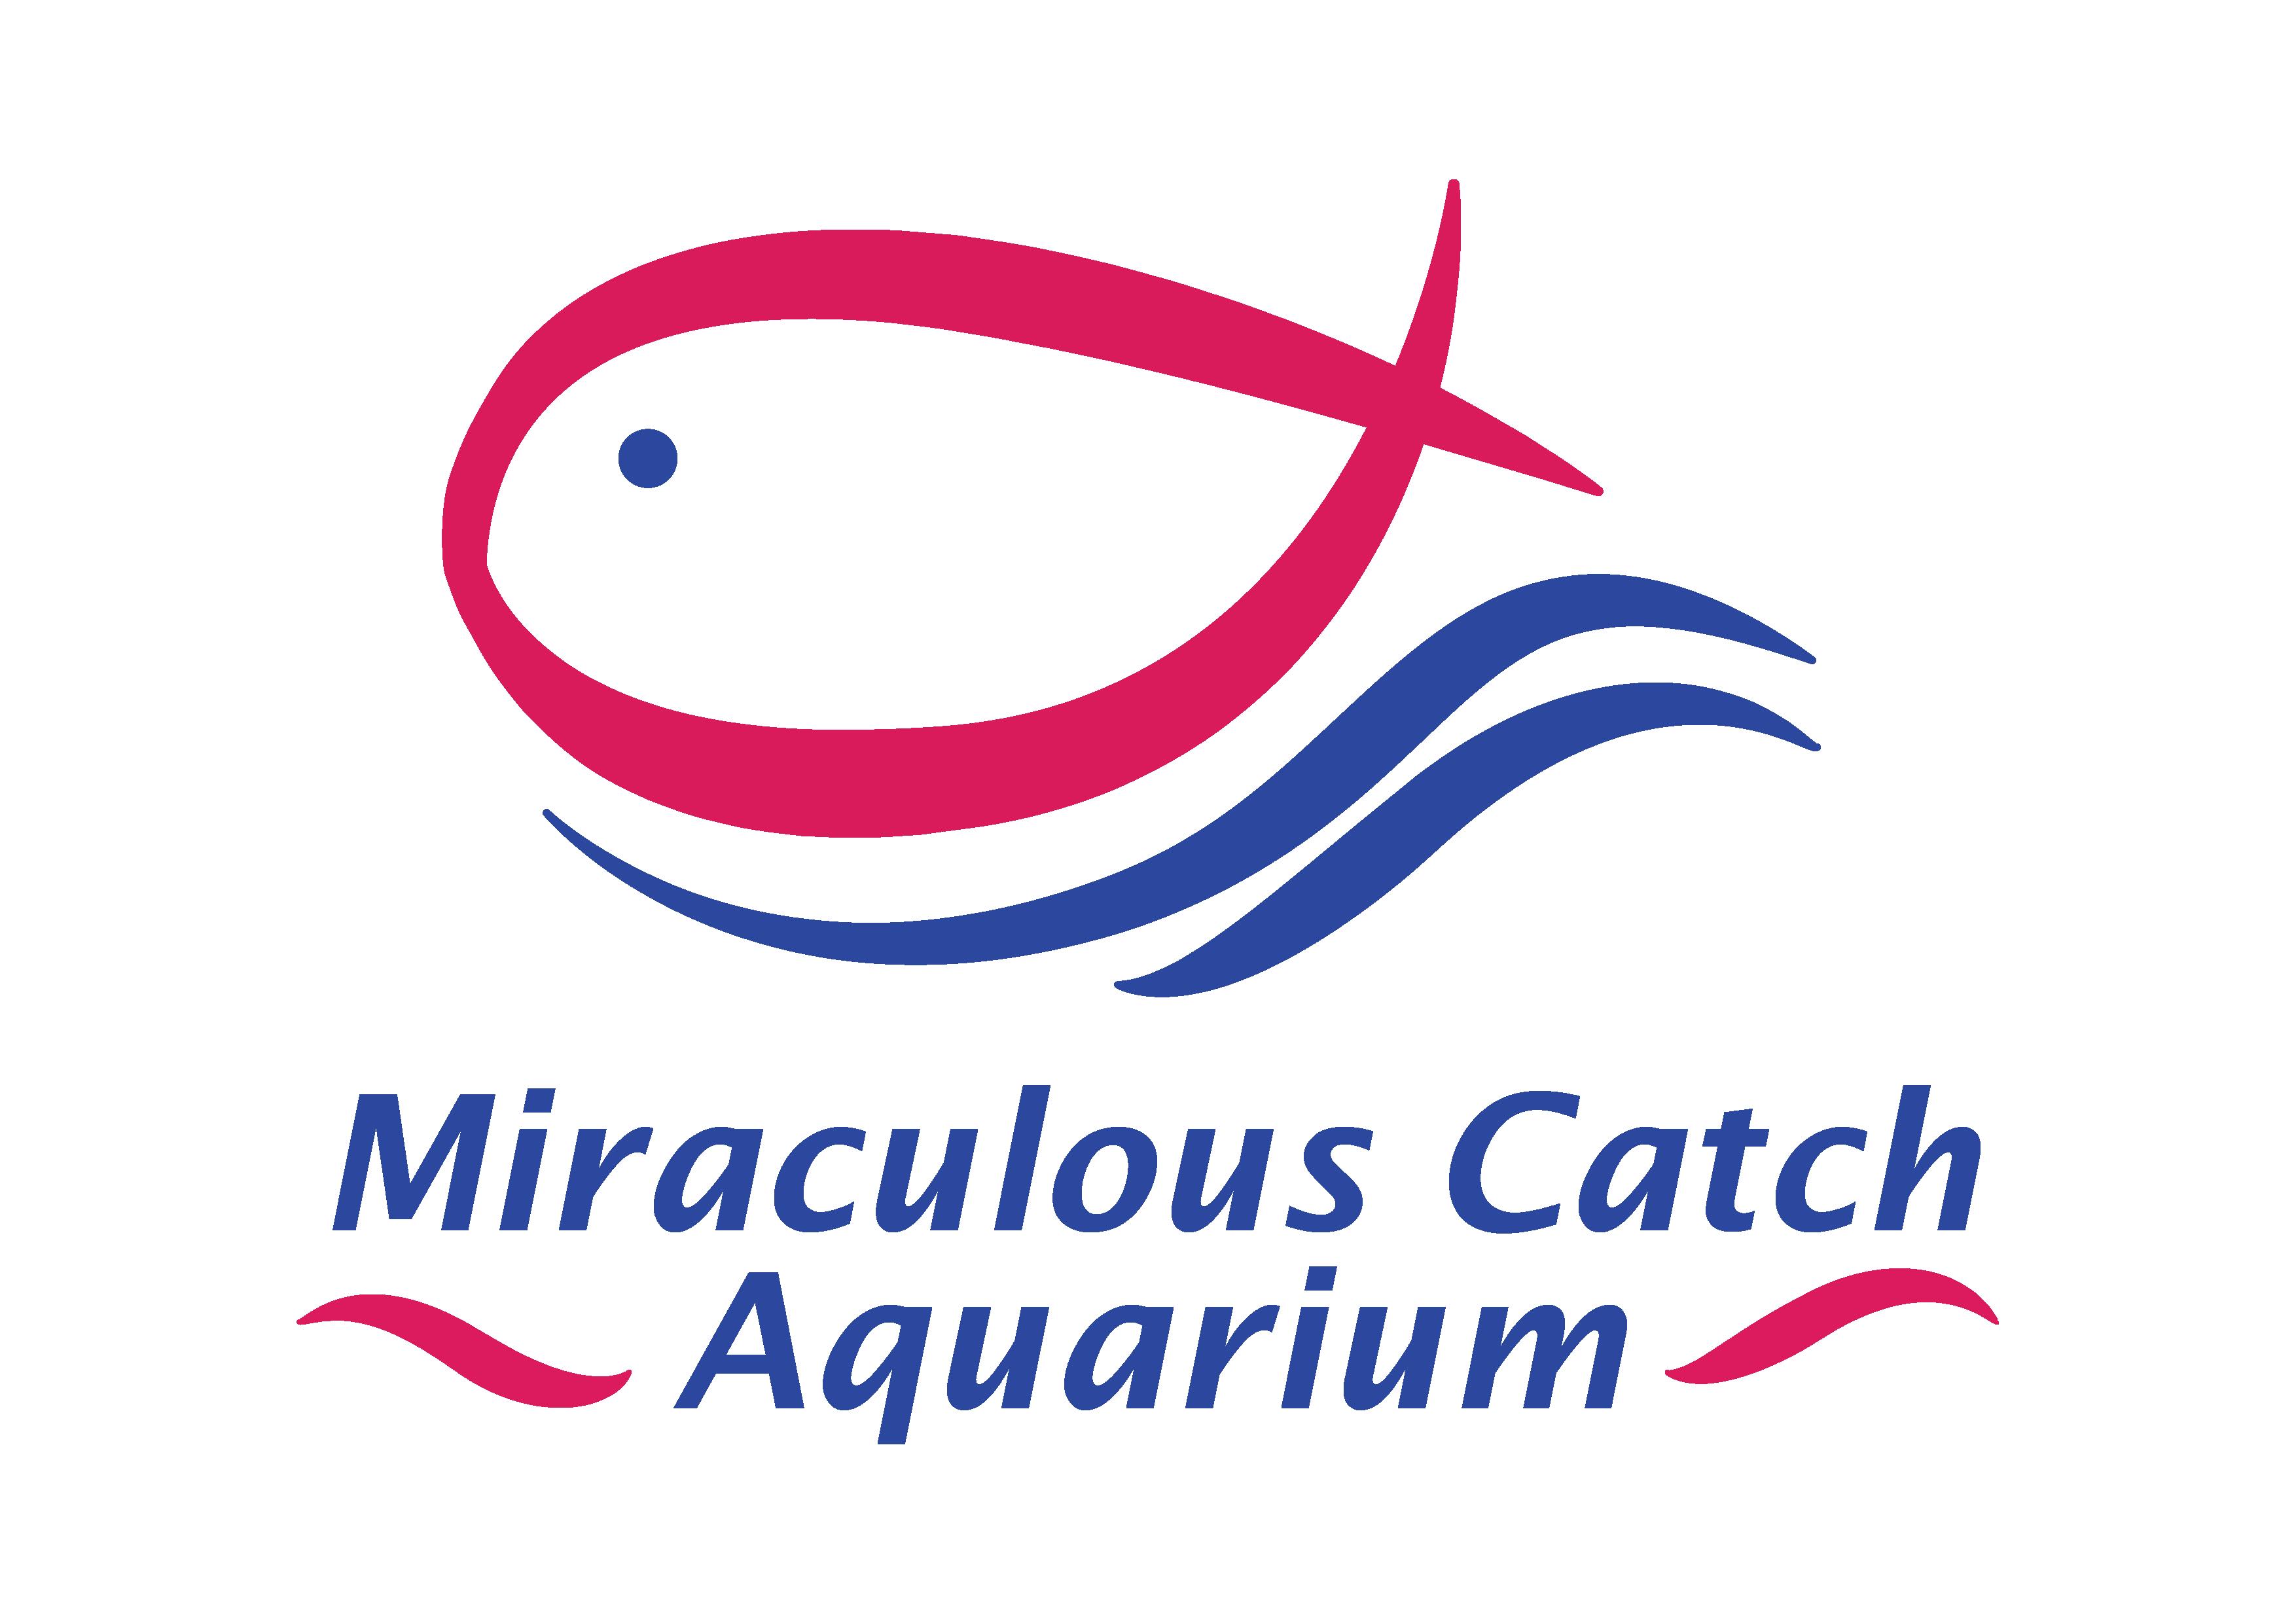 Miraculous Catch Aquarium